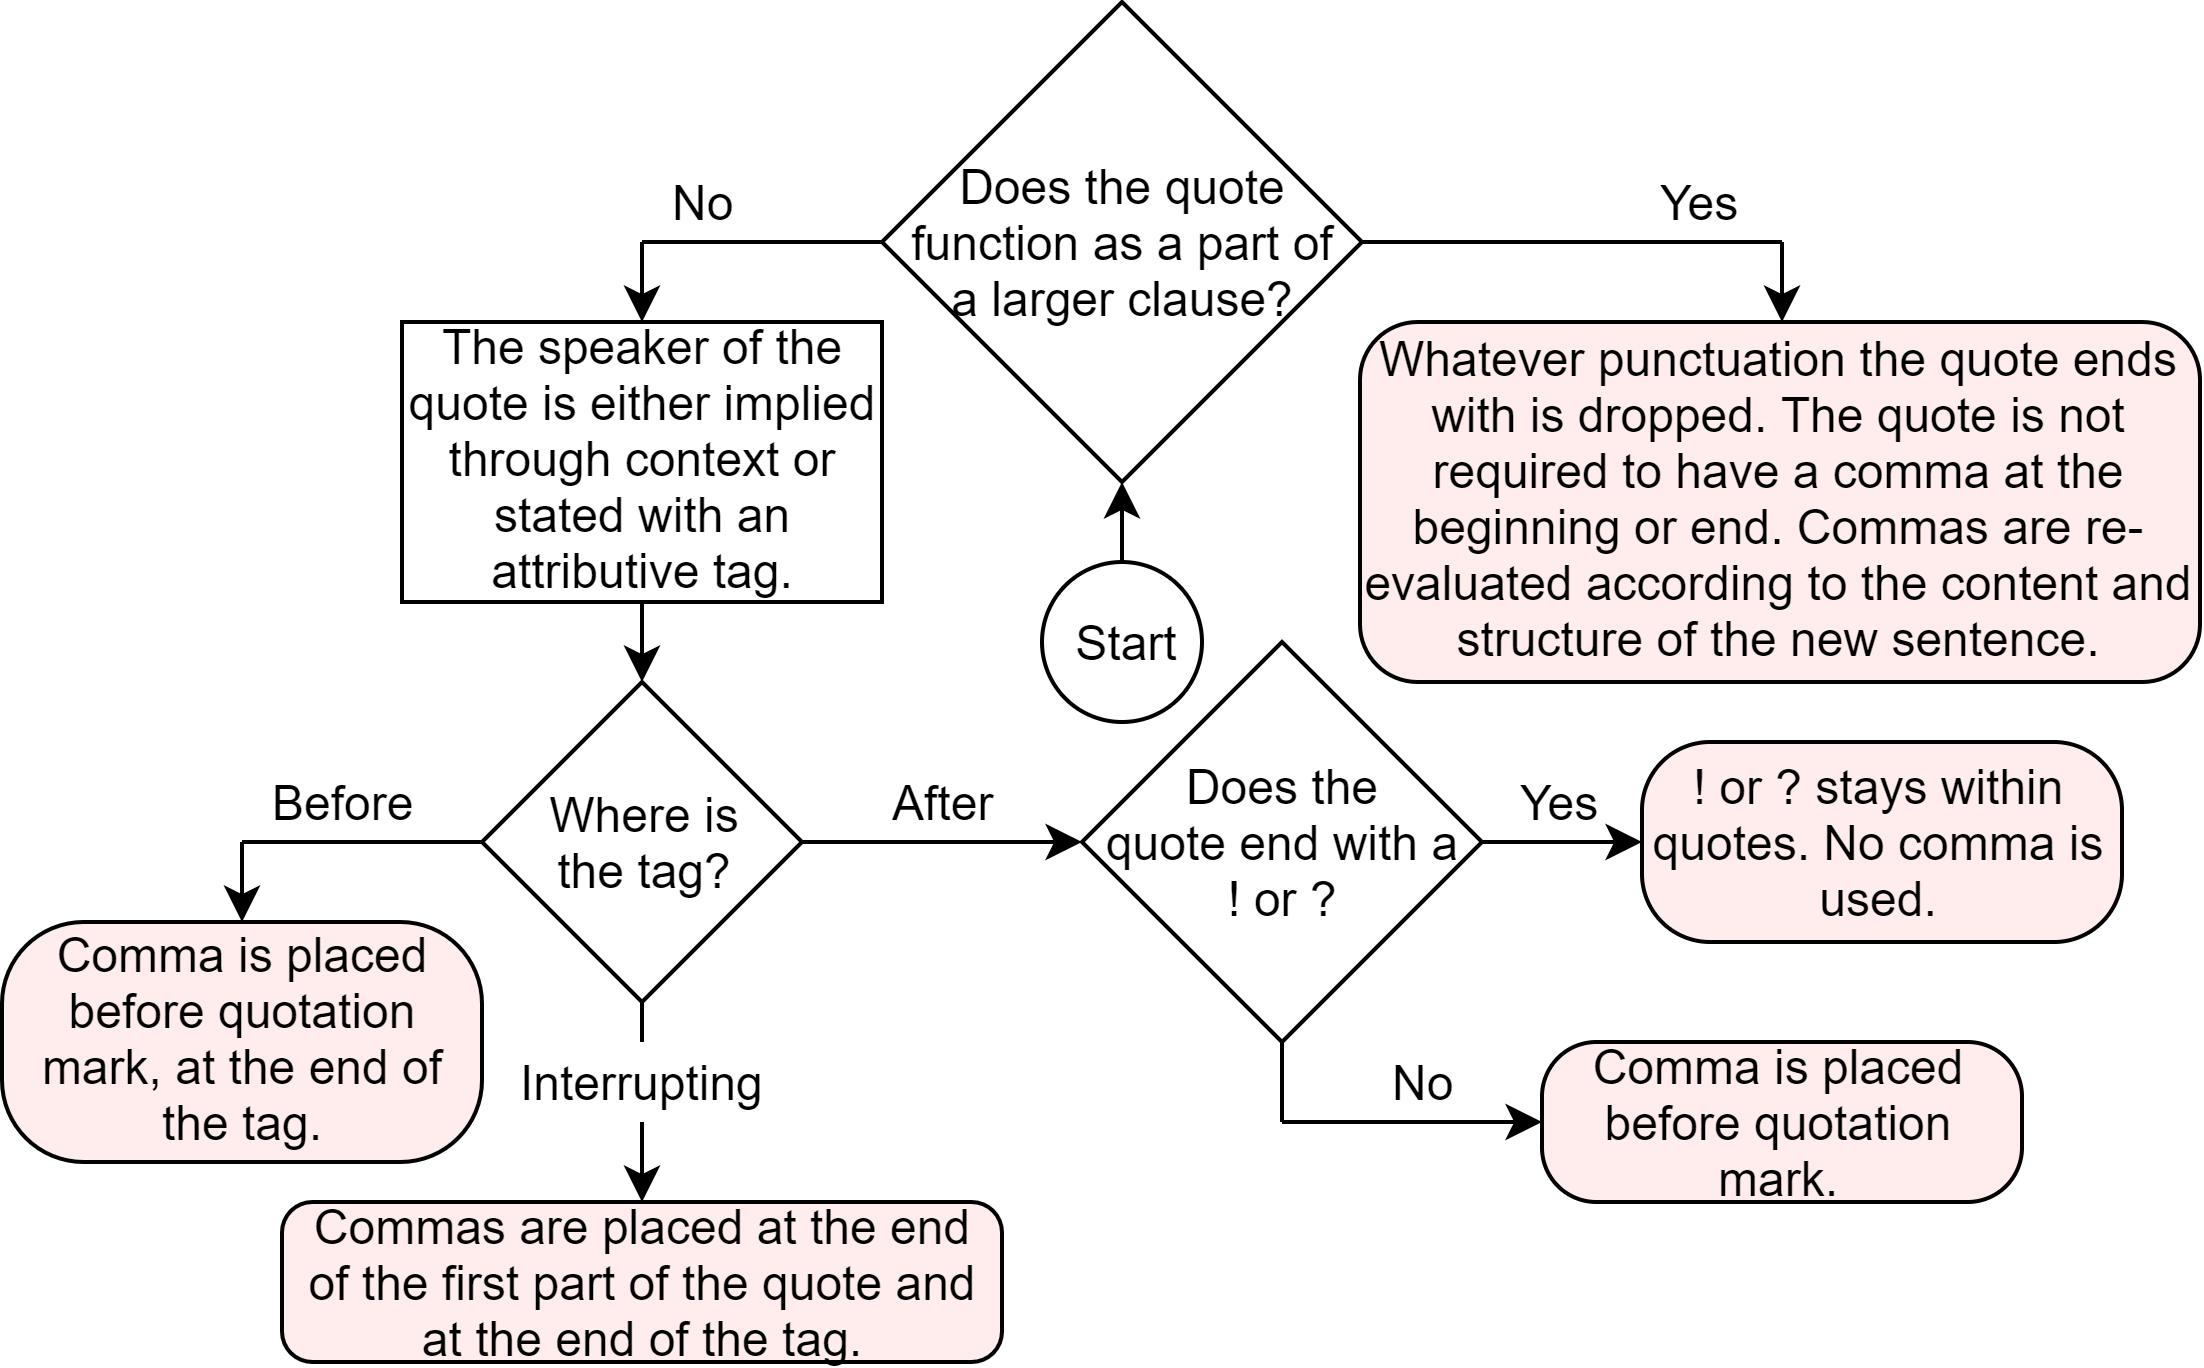 I Made A Flowchart To Explain Precise Rules For Comma